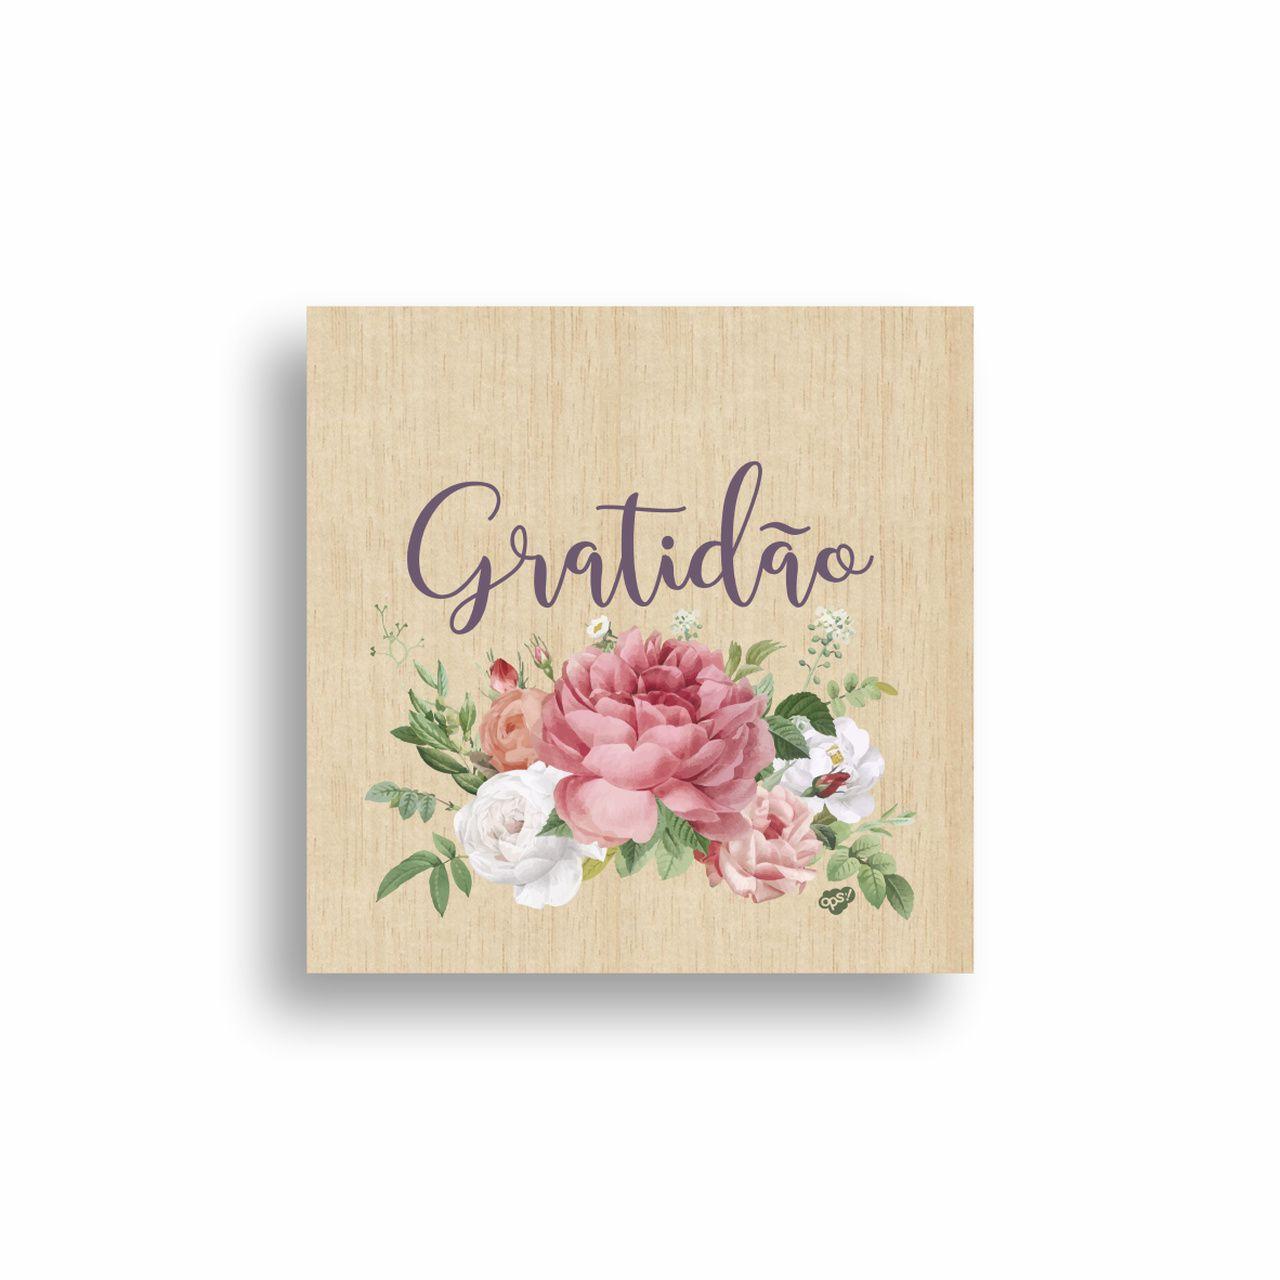 Quadro Decorativo Floral Gratidão 20x20 cm